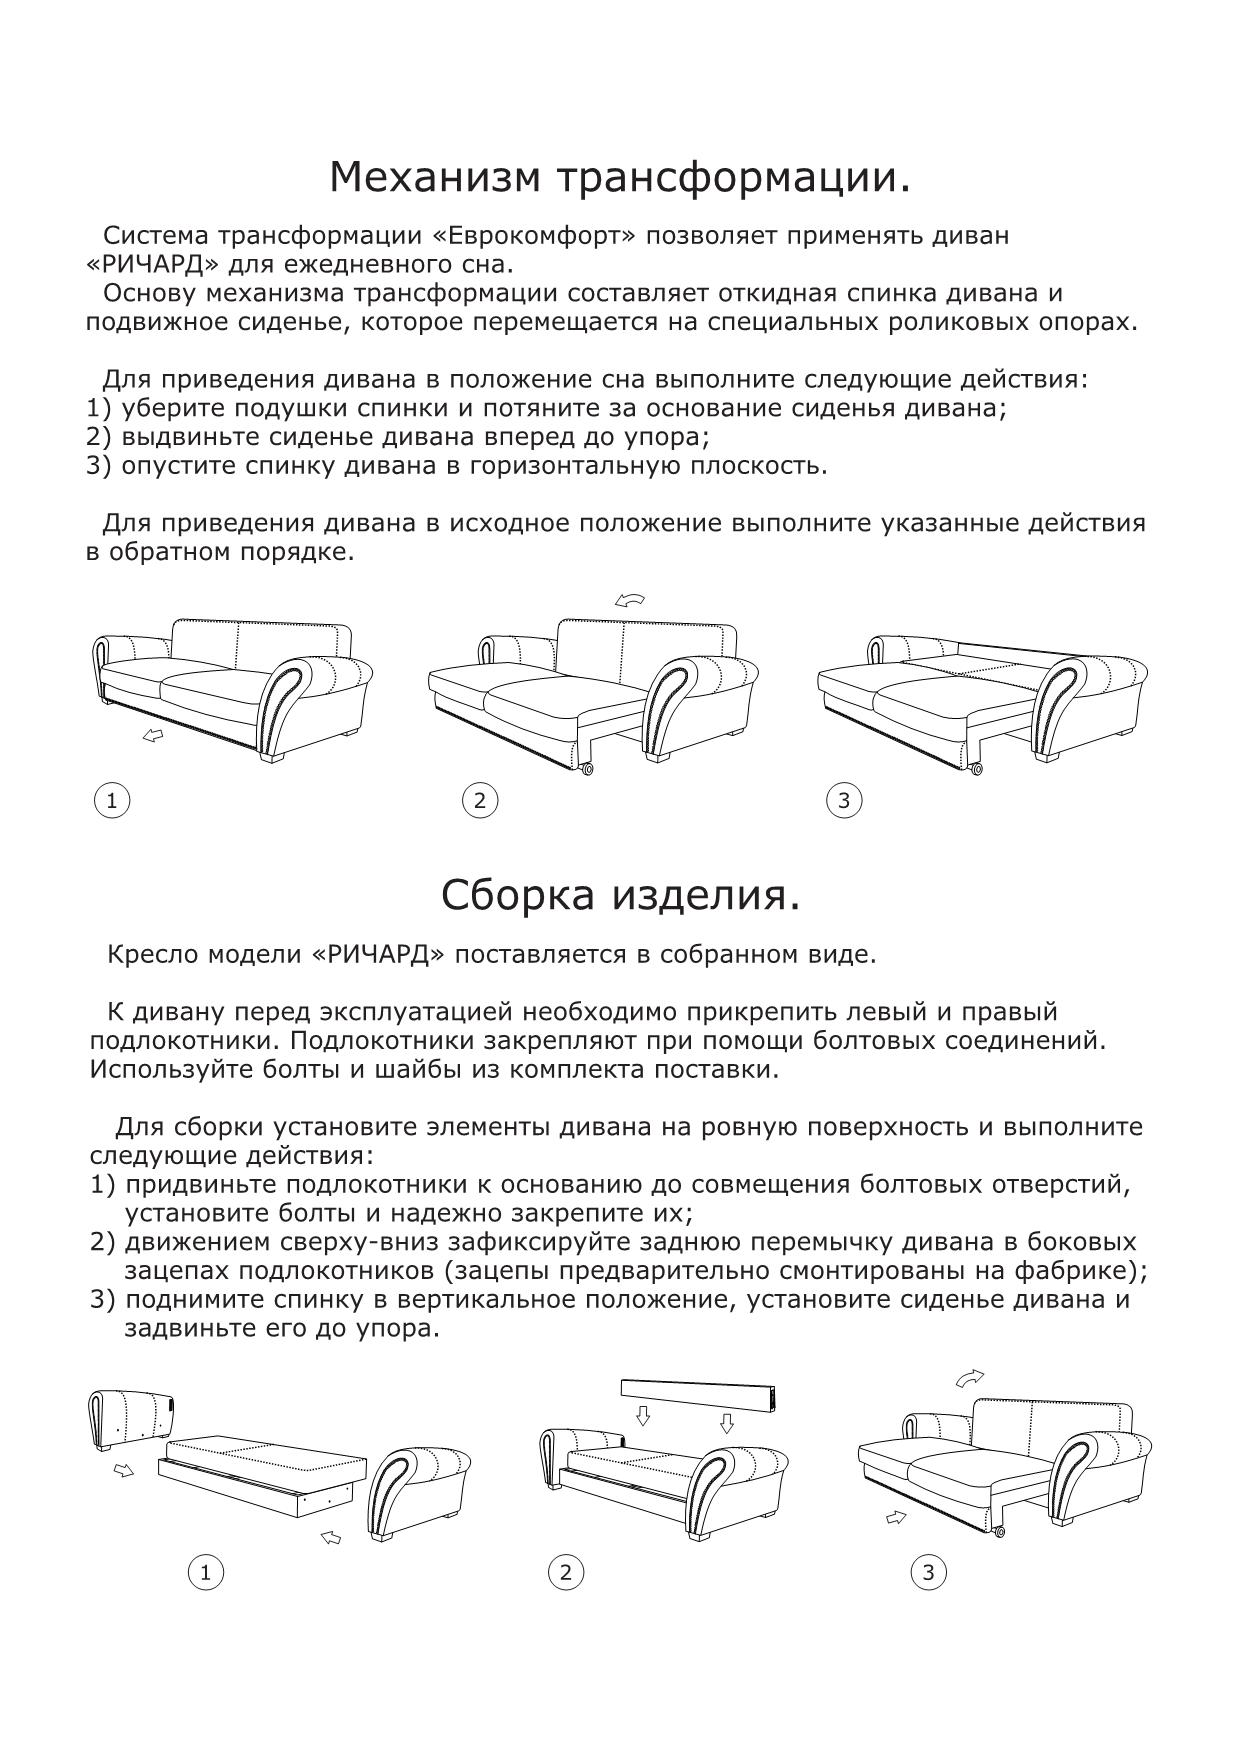 Фото Диван «Ричард» без валиков и подушек ZlataMebel - sofino.ua